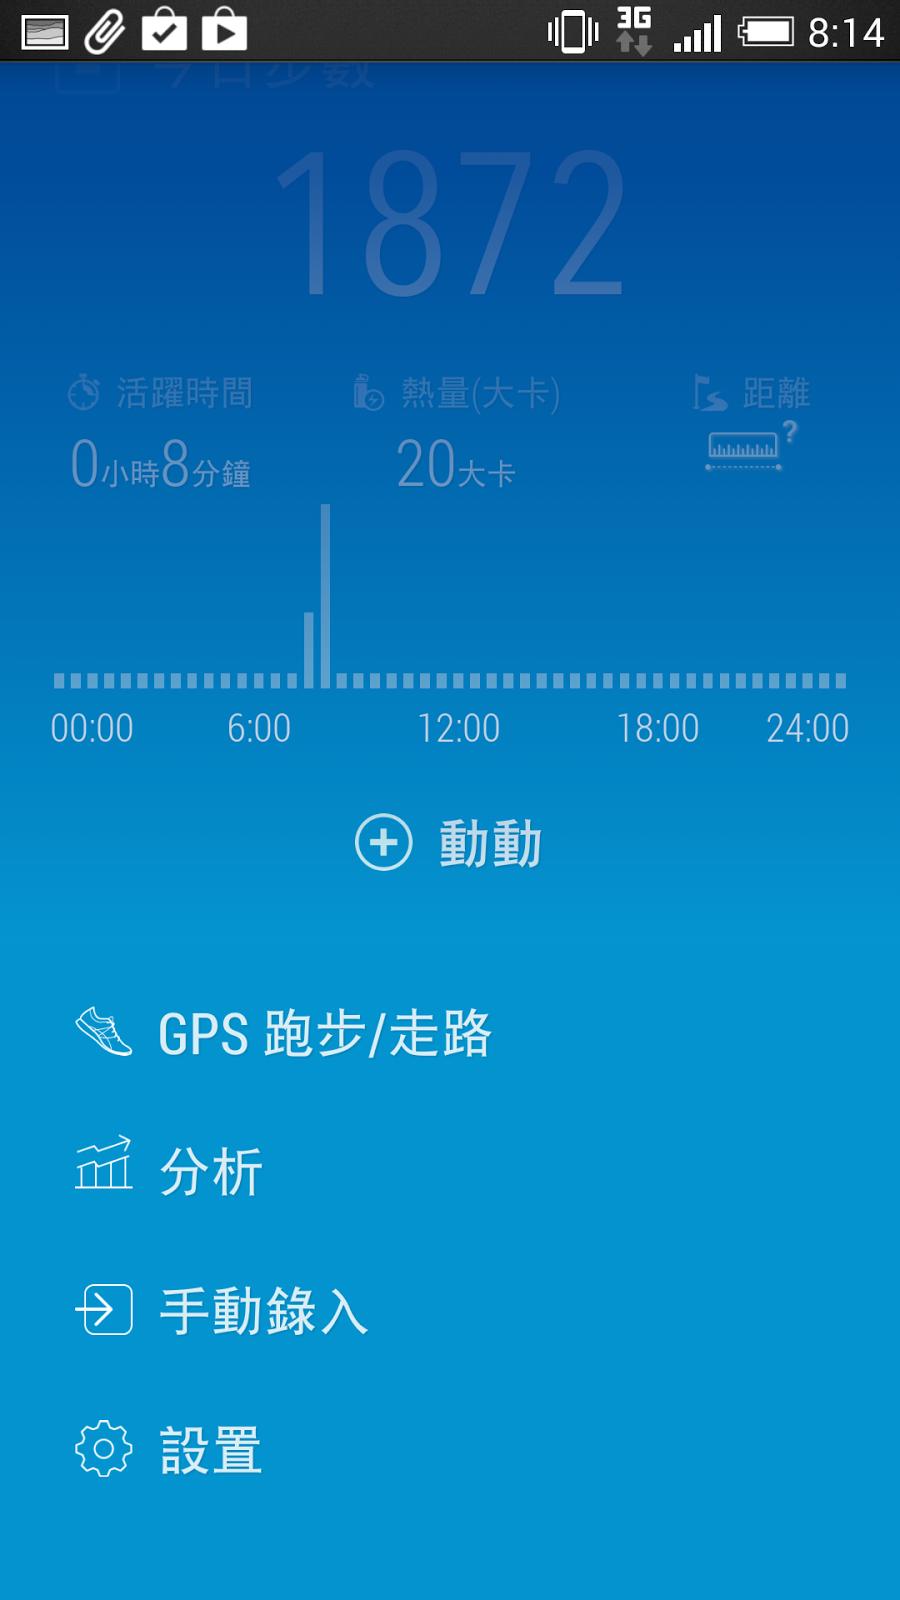 介面精美的計步器 App,熱量消耗自動計算與體重管理 %25E8%25A8%2588%25E6%25AD%25A5%25E5%2599%25A8-02